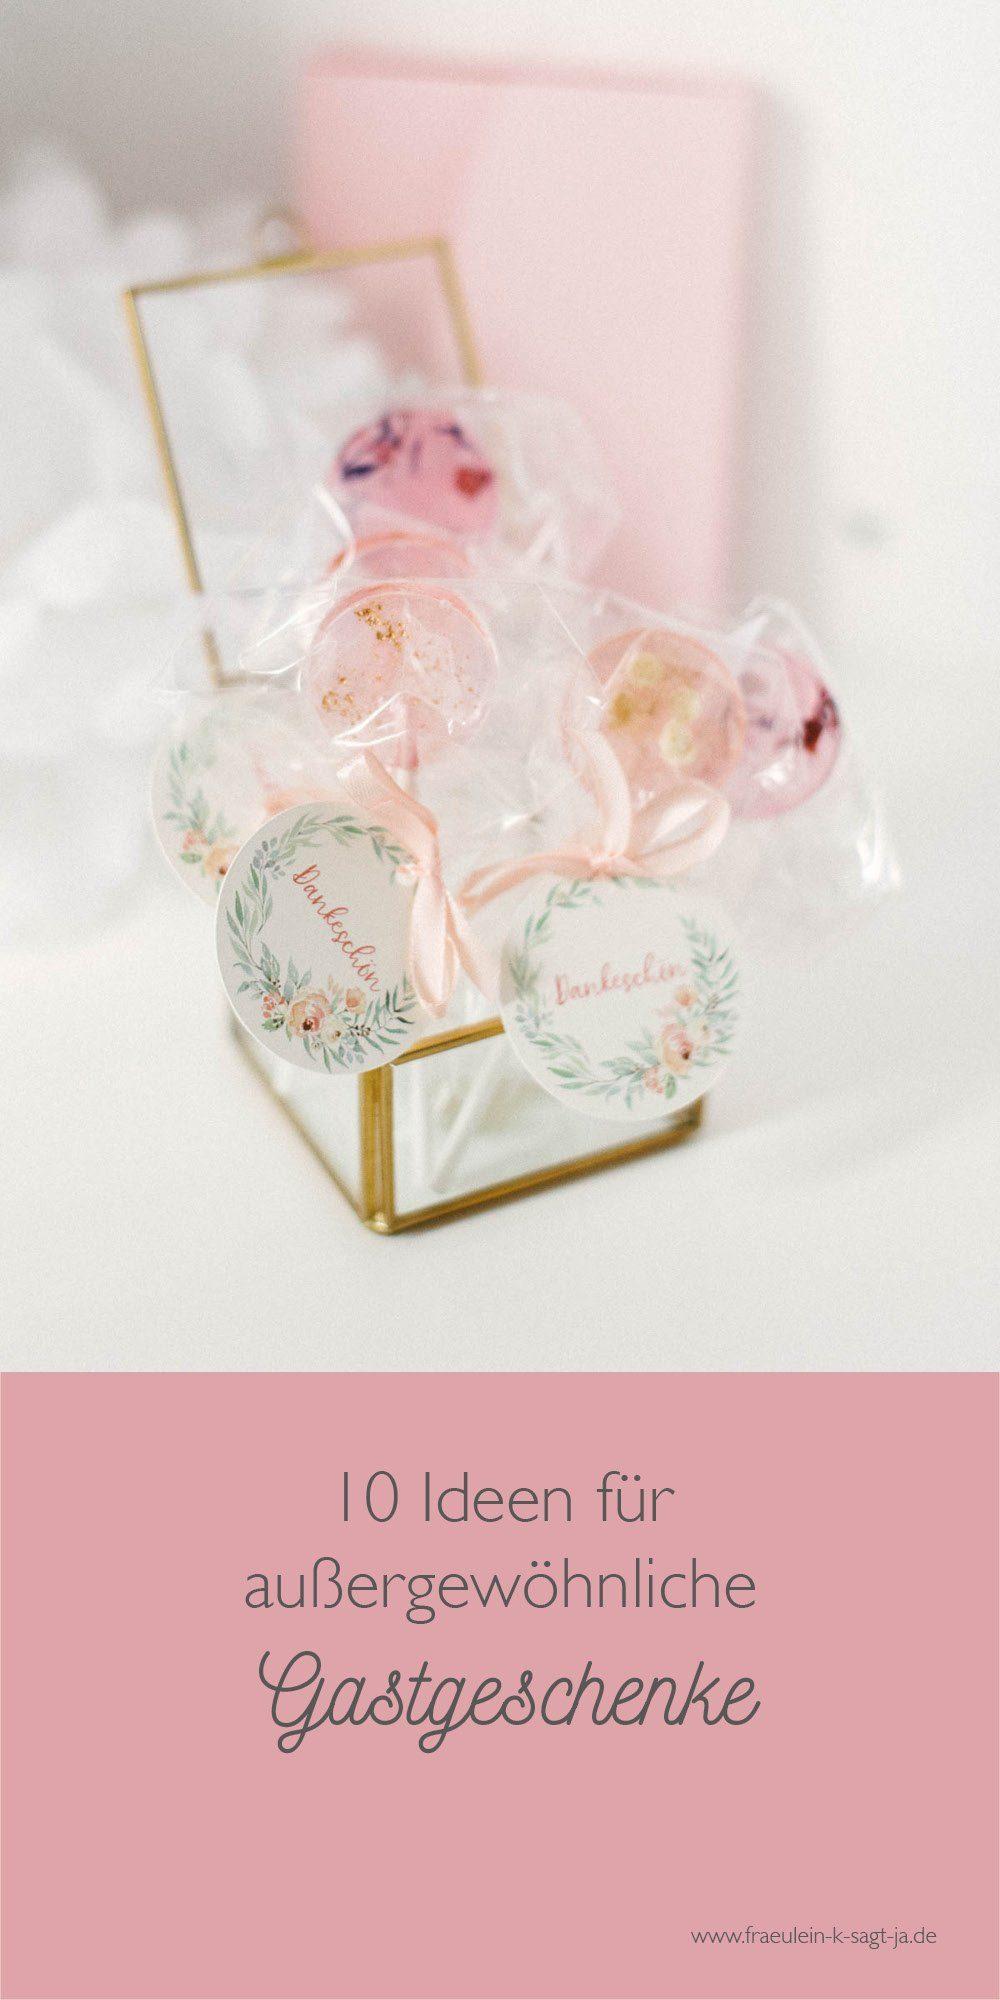 Mehr als 10 kreative Ideen für Gastgeschenke einer Hochzeit